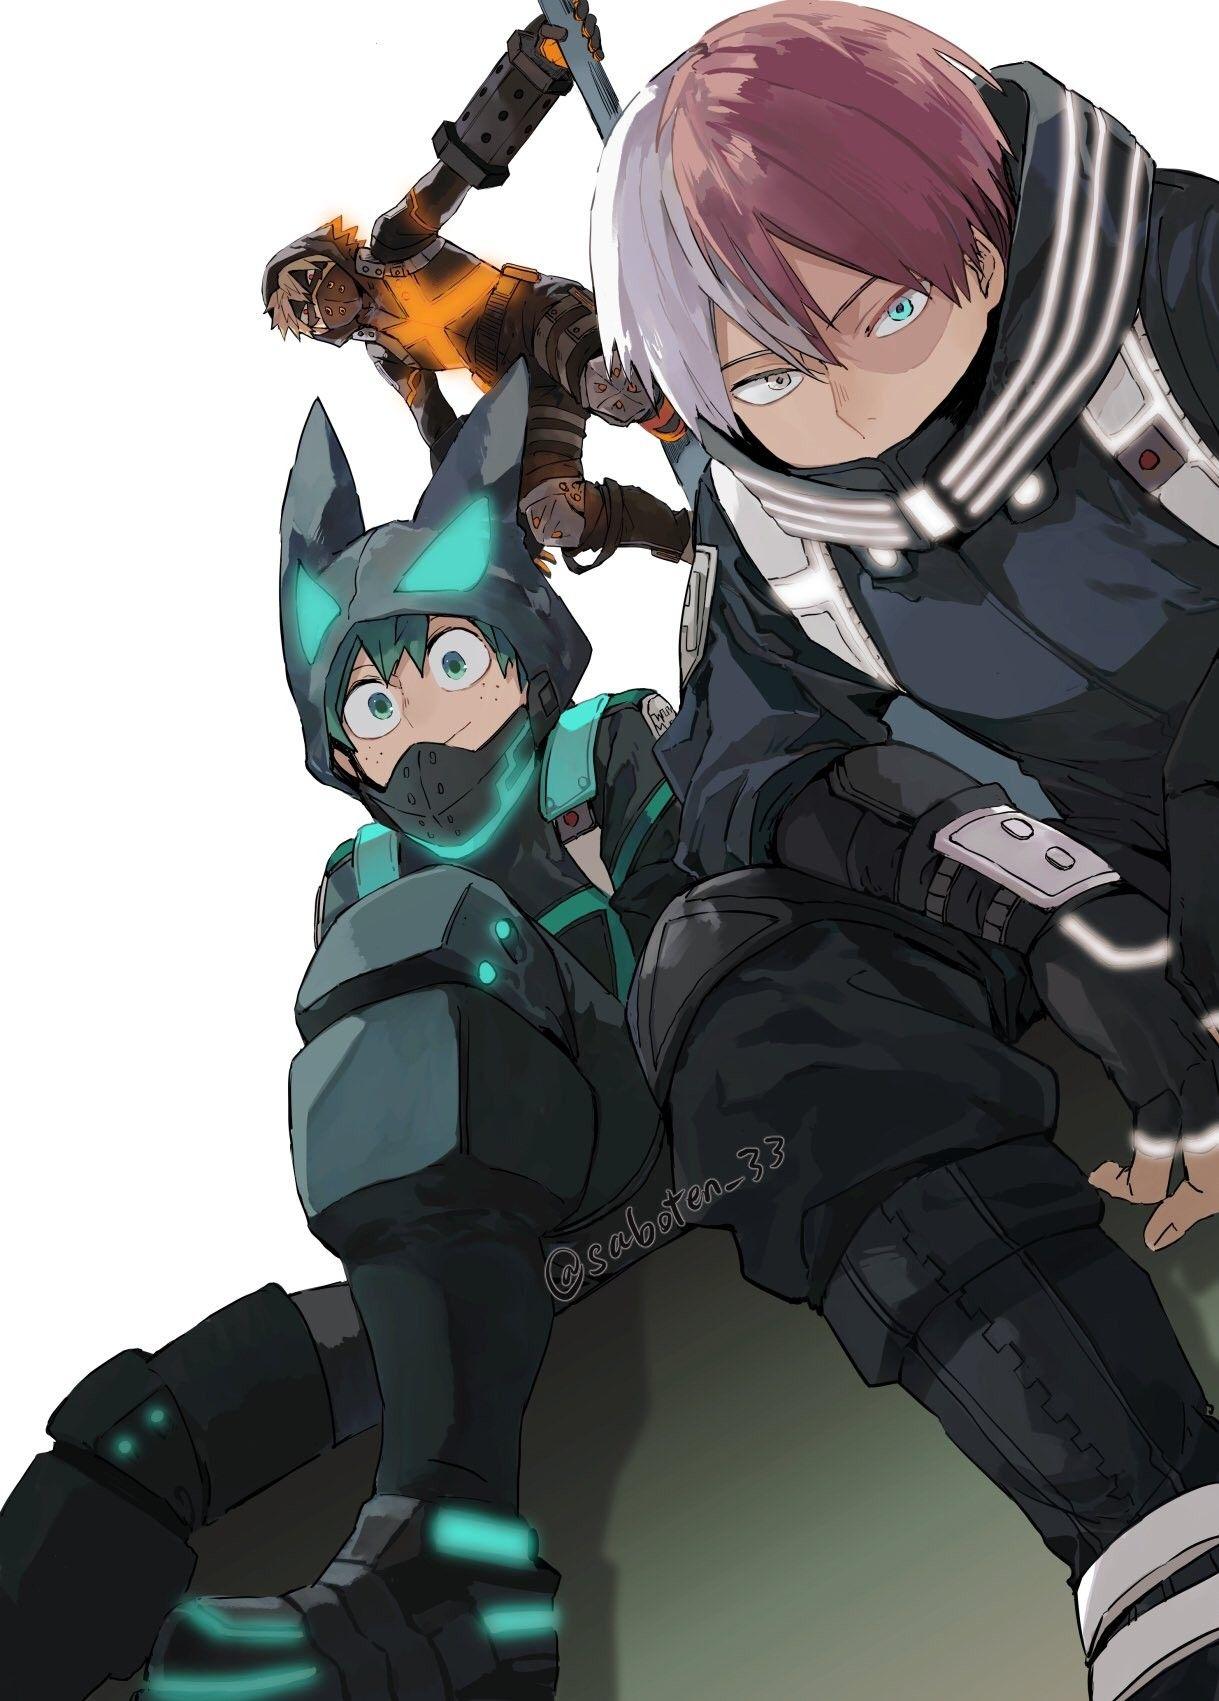 Save Follow Midoriya Izuku Deku Shoto Todoroki Bakugou Katsuki My Her In 2021 My Hero Academia Episodes Boku No Hero Academia Funny Boku No Hero Academia